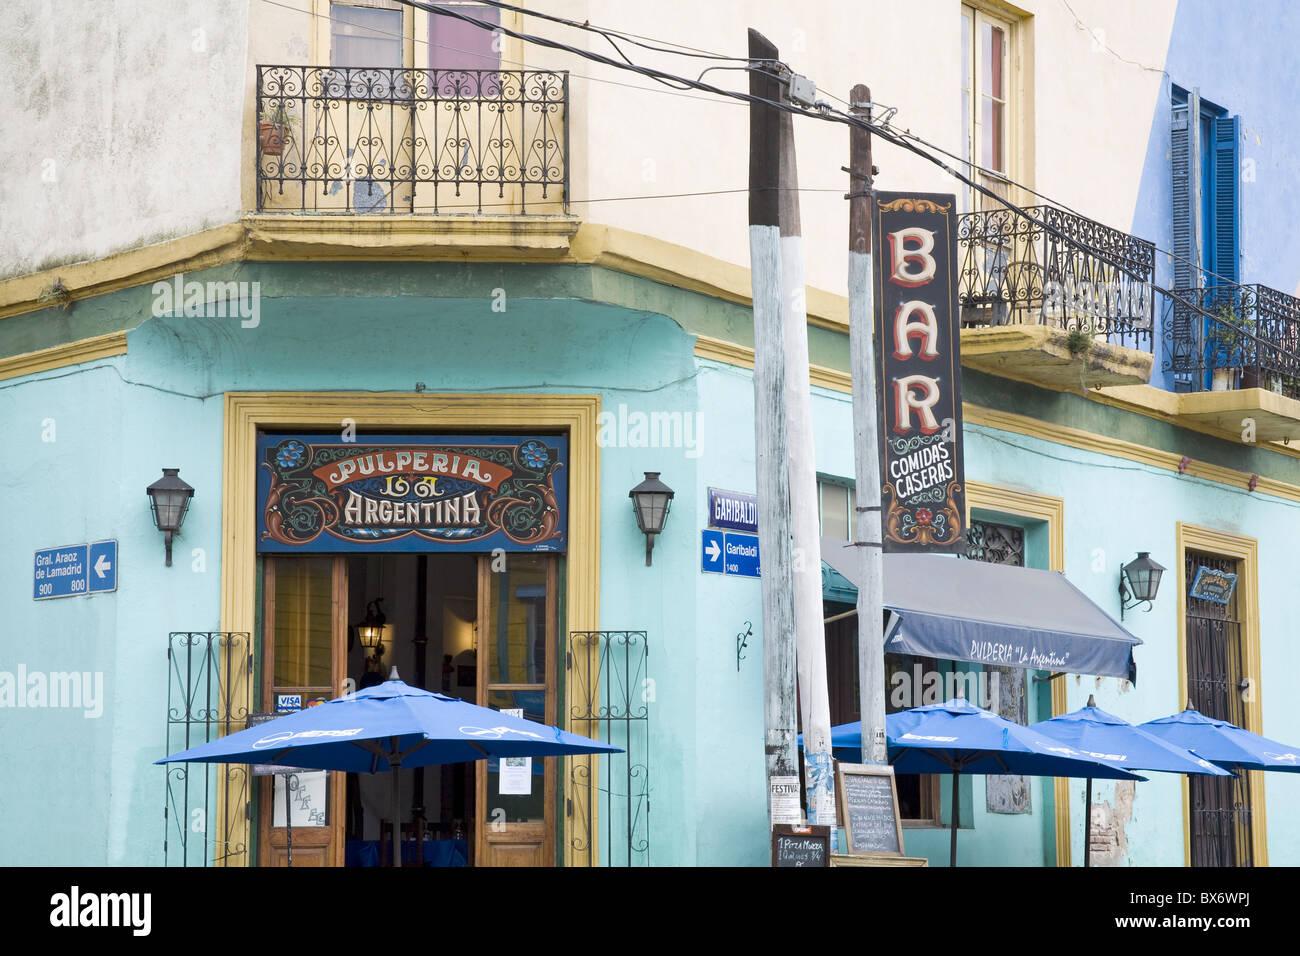 La Pulperia Argentina Bar a La Boca distretto di Buenos Aires, Argentina, Sud America Immagini Stock